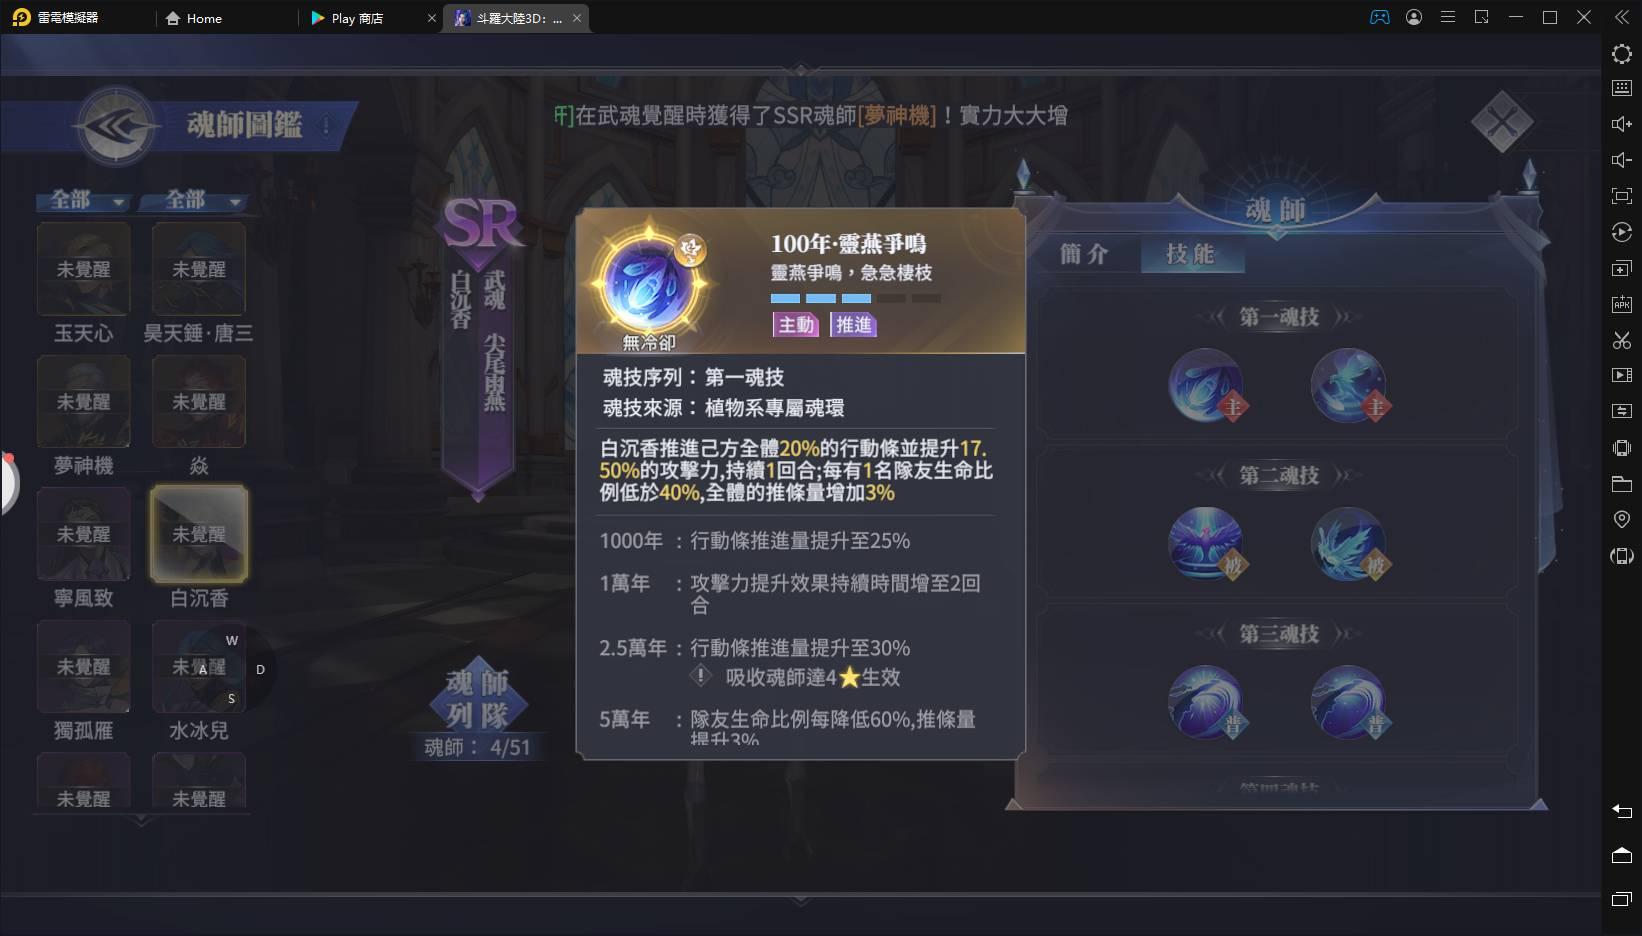 【攻略】《斗羅大陸3D:魂師對決》魂師完整解析「白沉香」角色